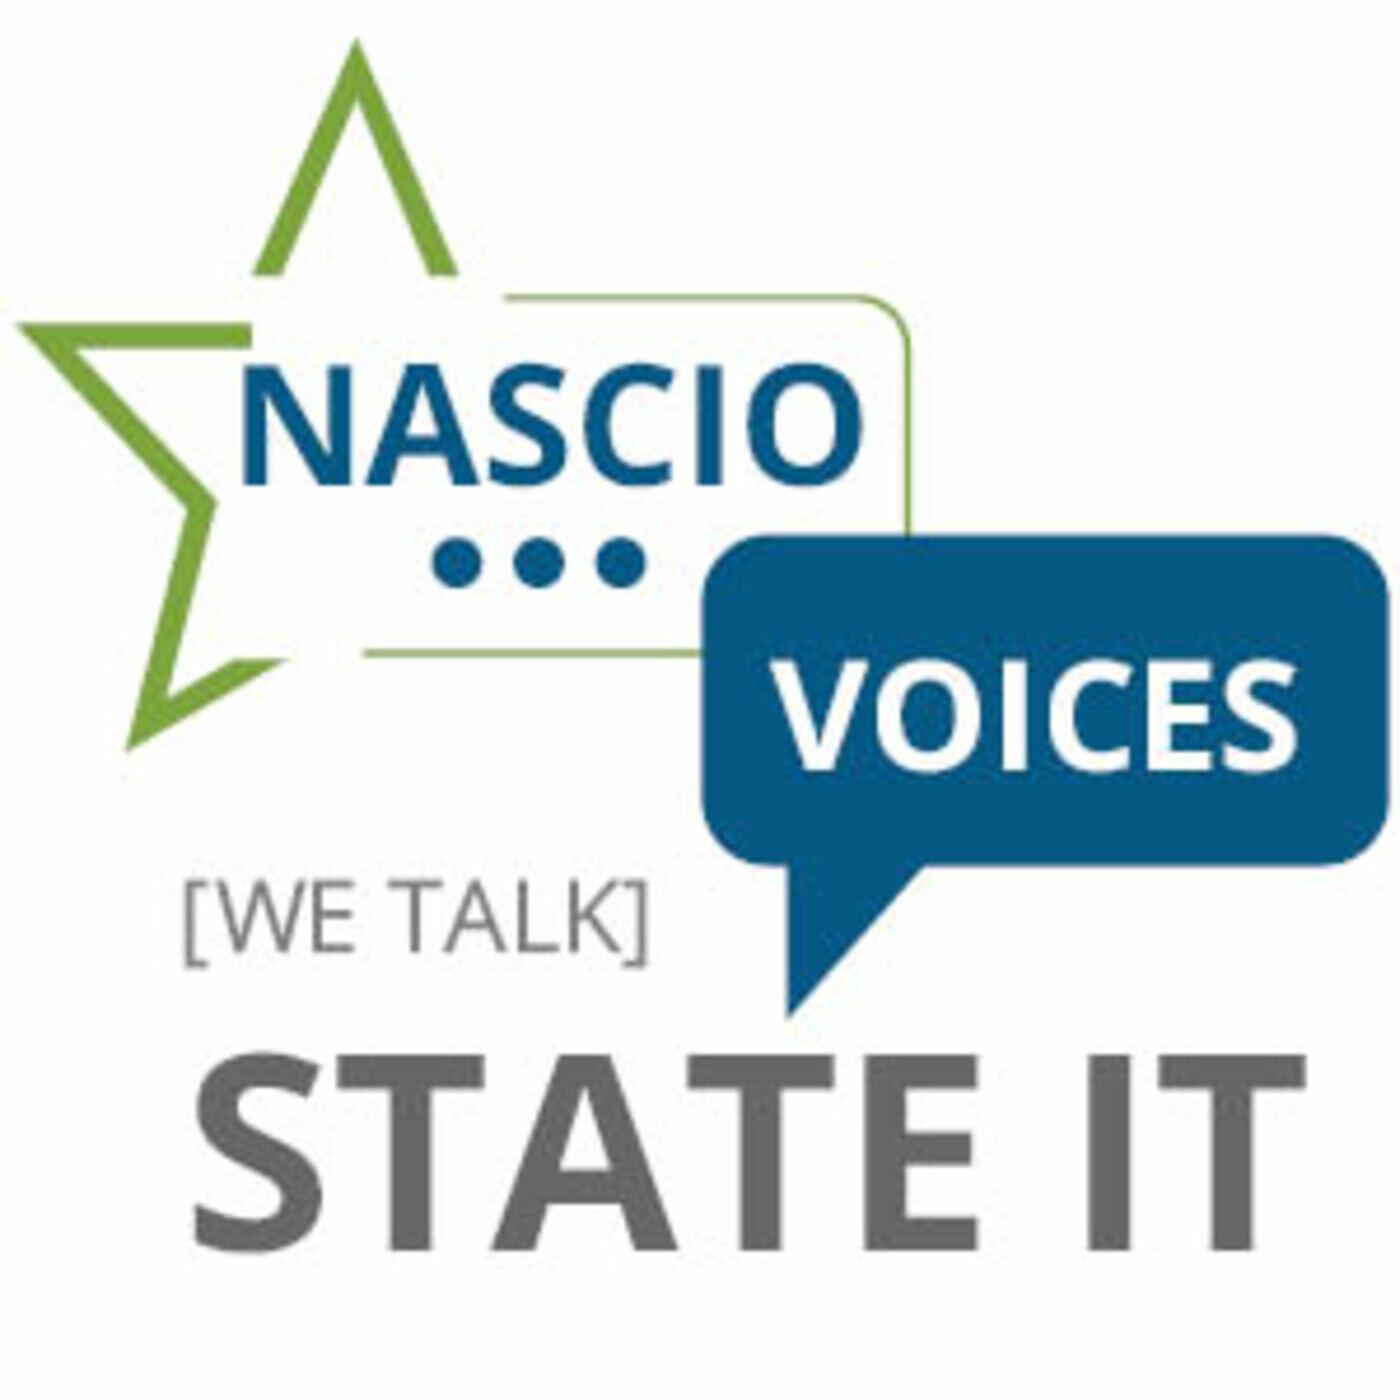 NASCIO Voices